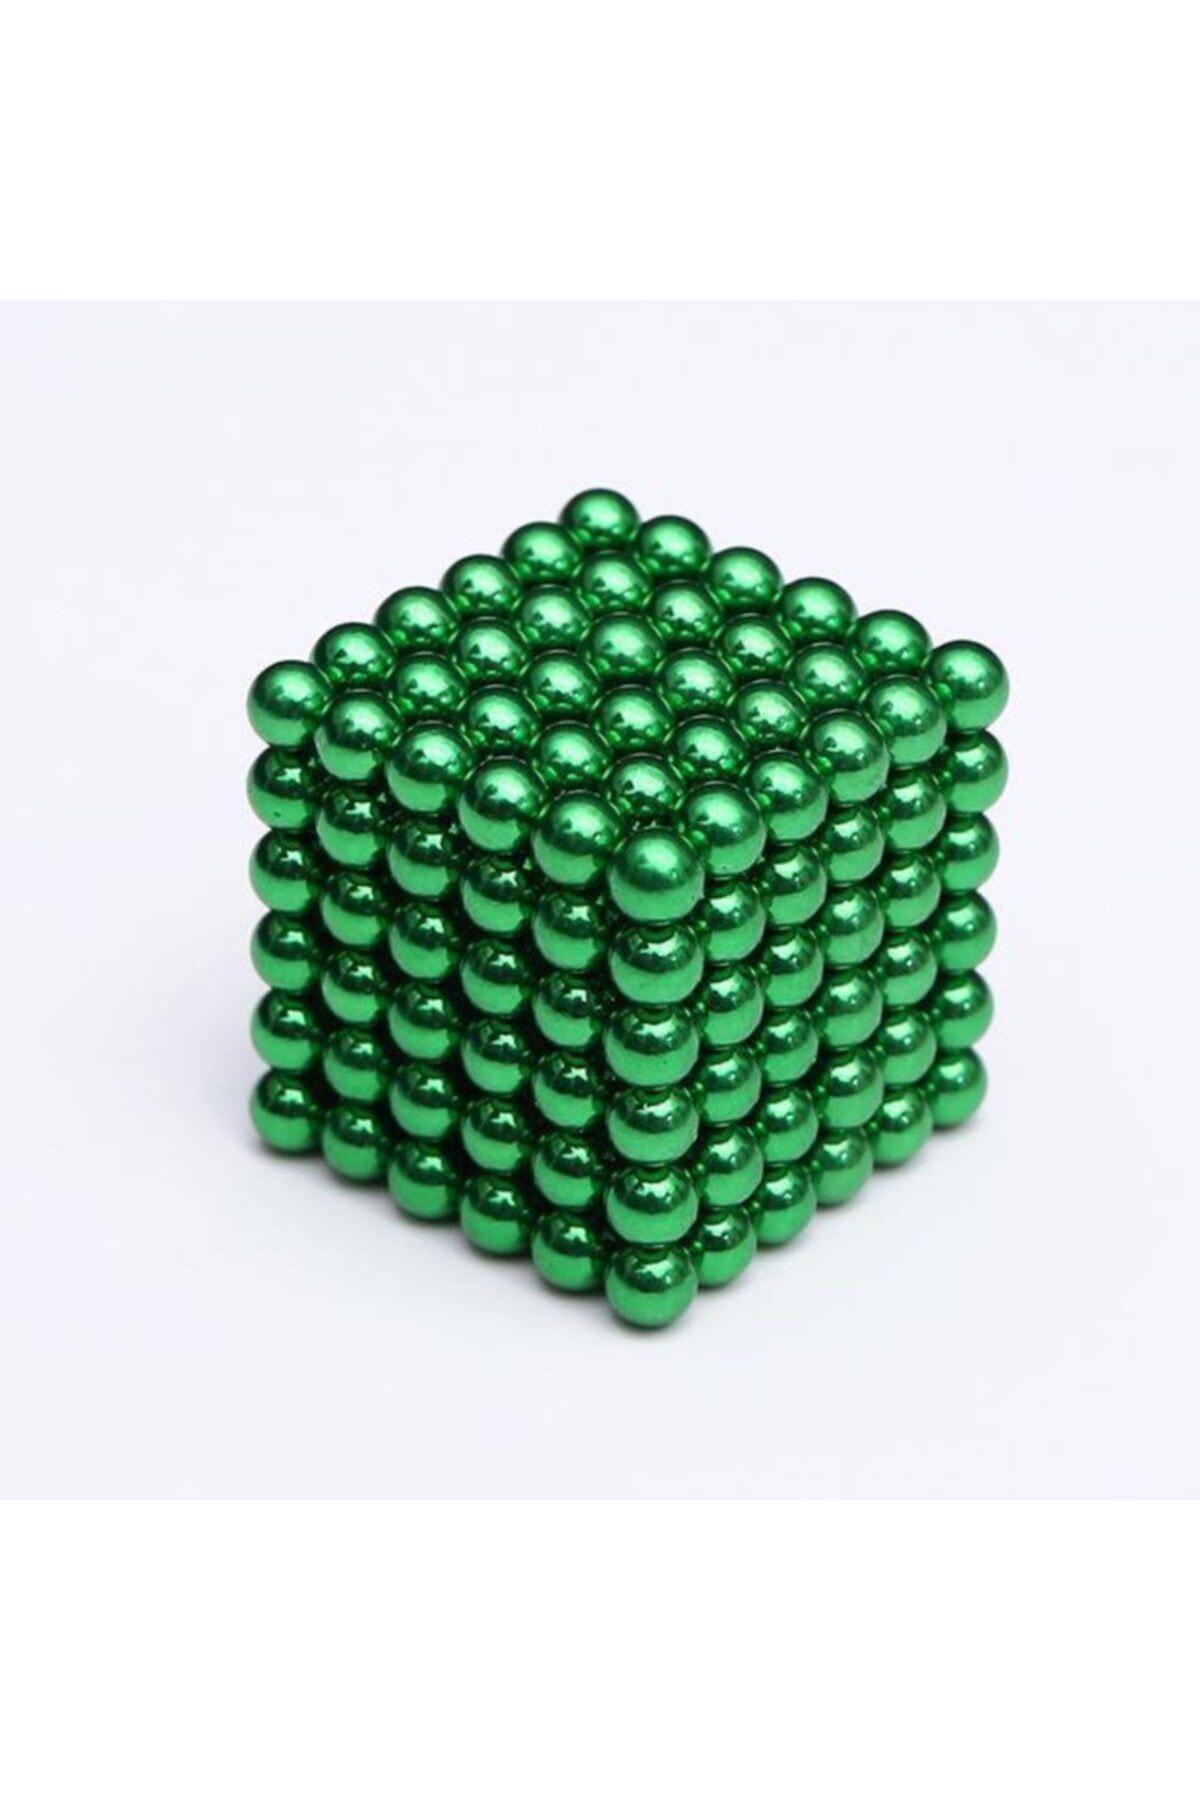 Aberats Manyetik Mıknatıslı Toplar Tek Renkli 216 Adet 2